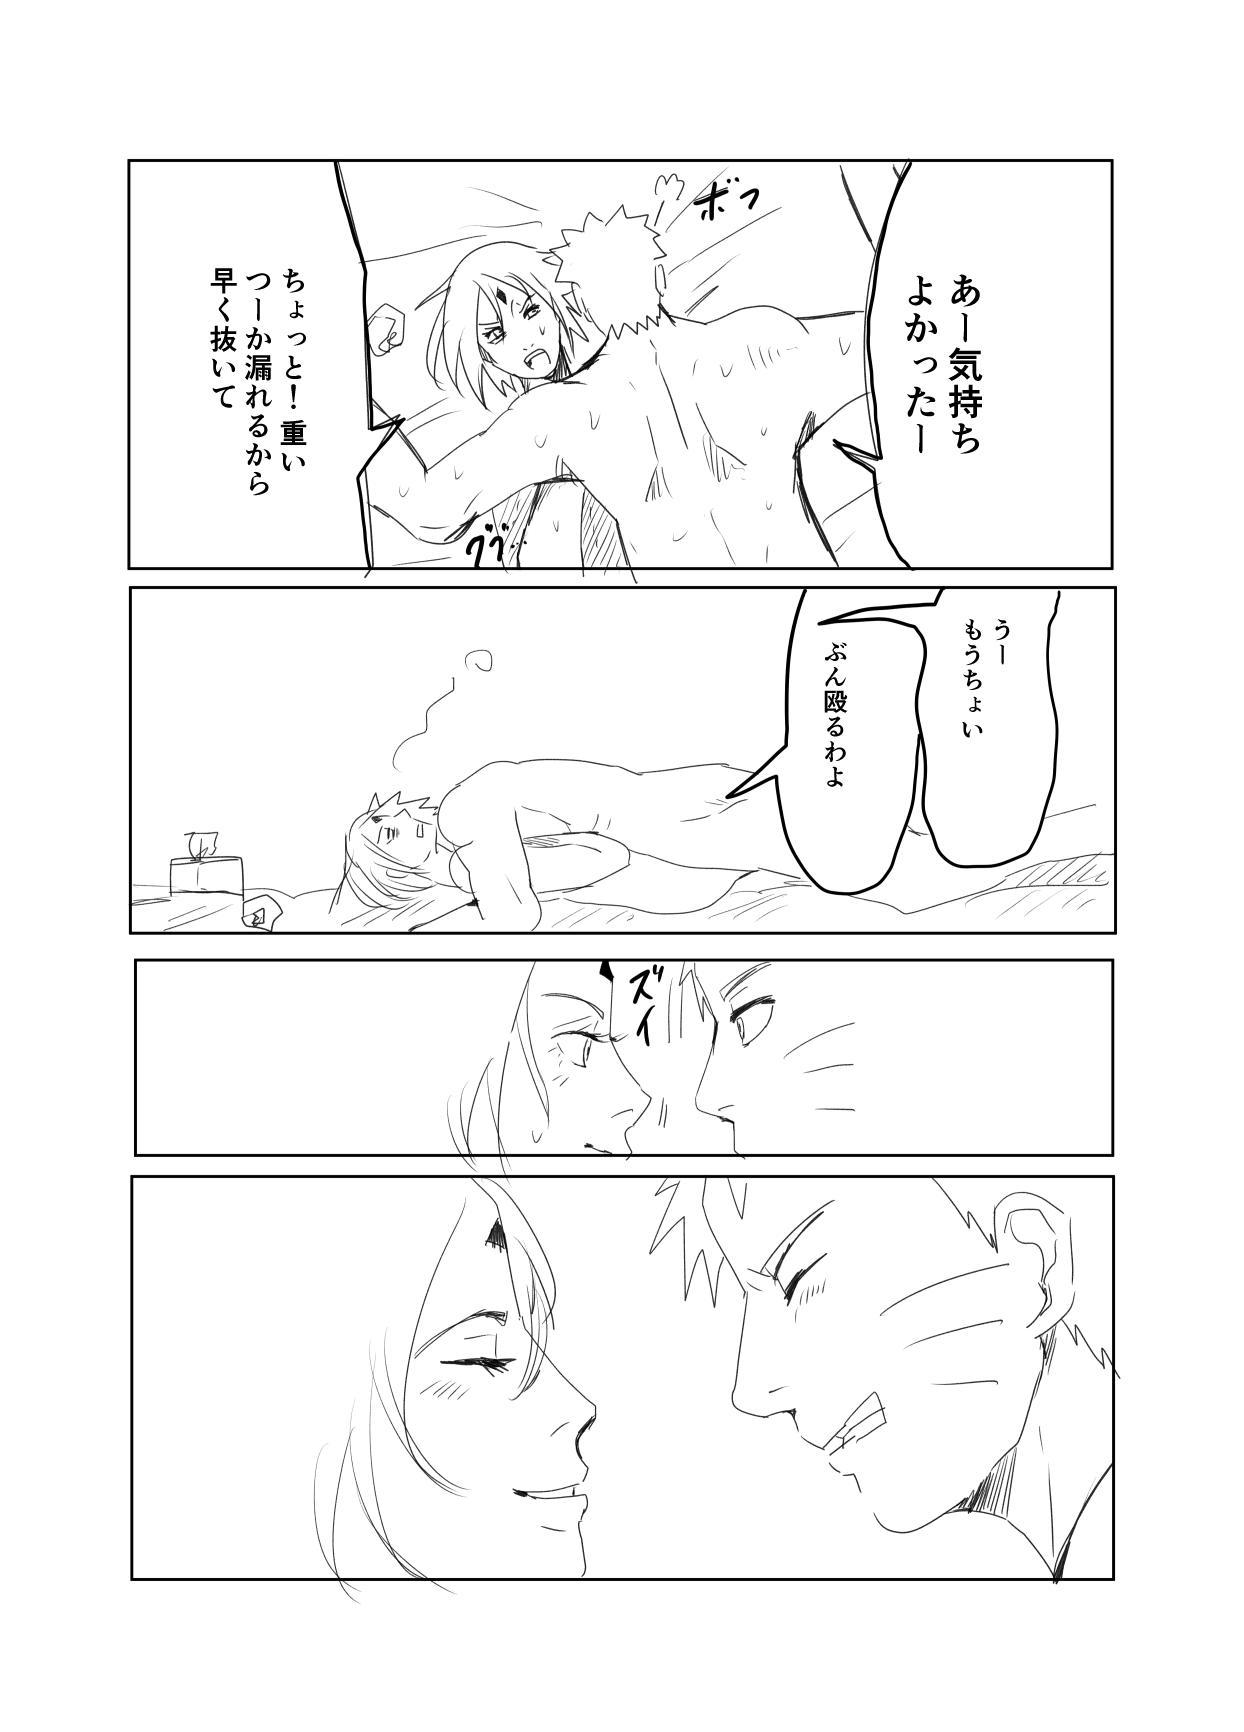 嘘告白漫画 1